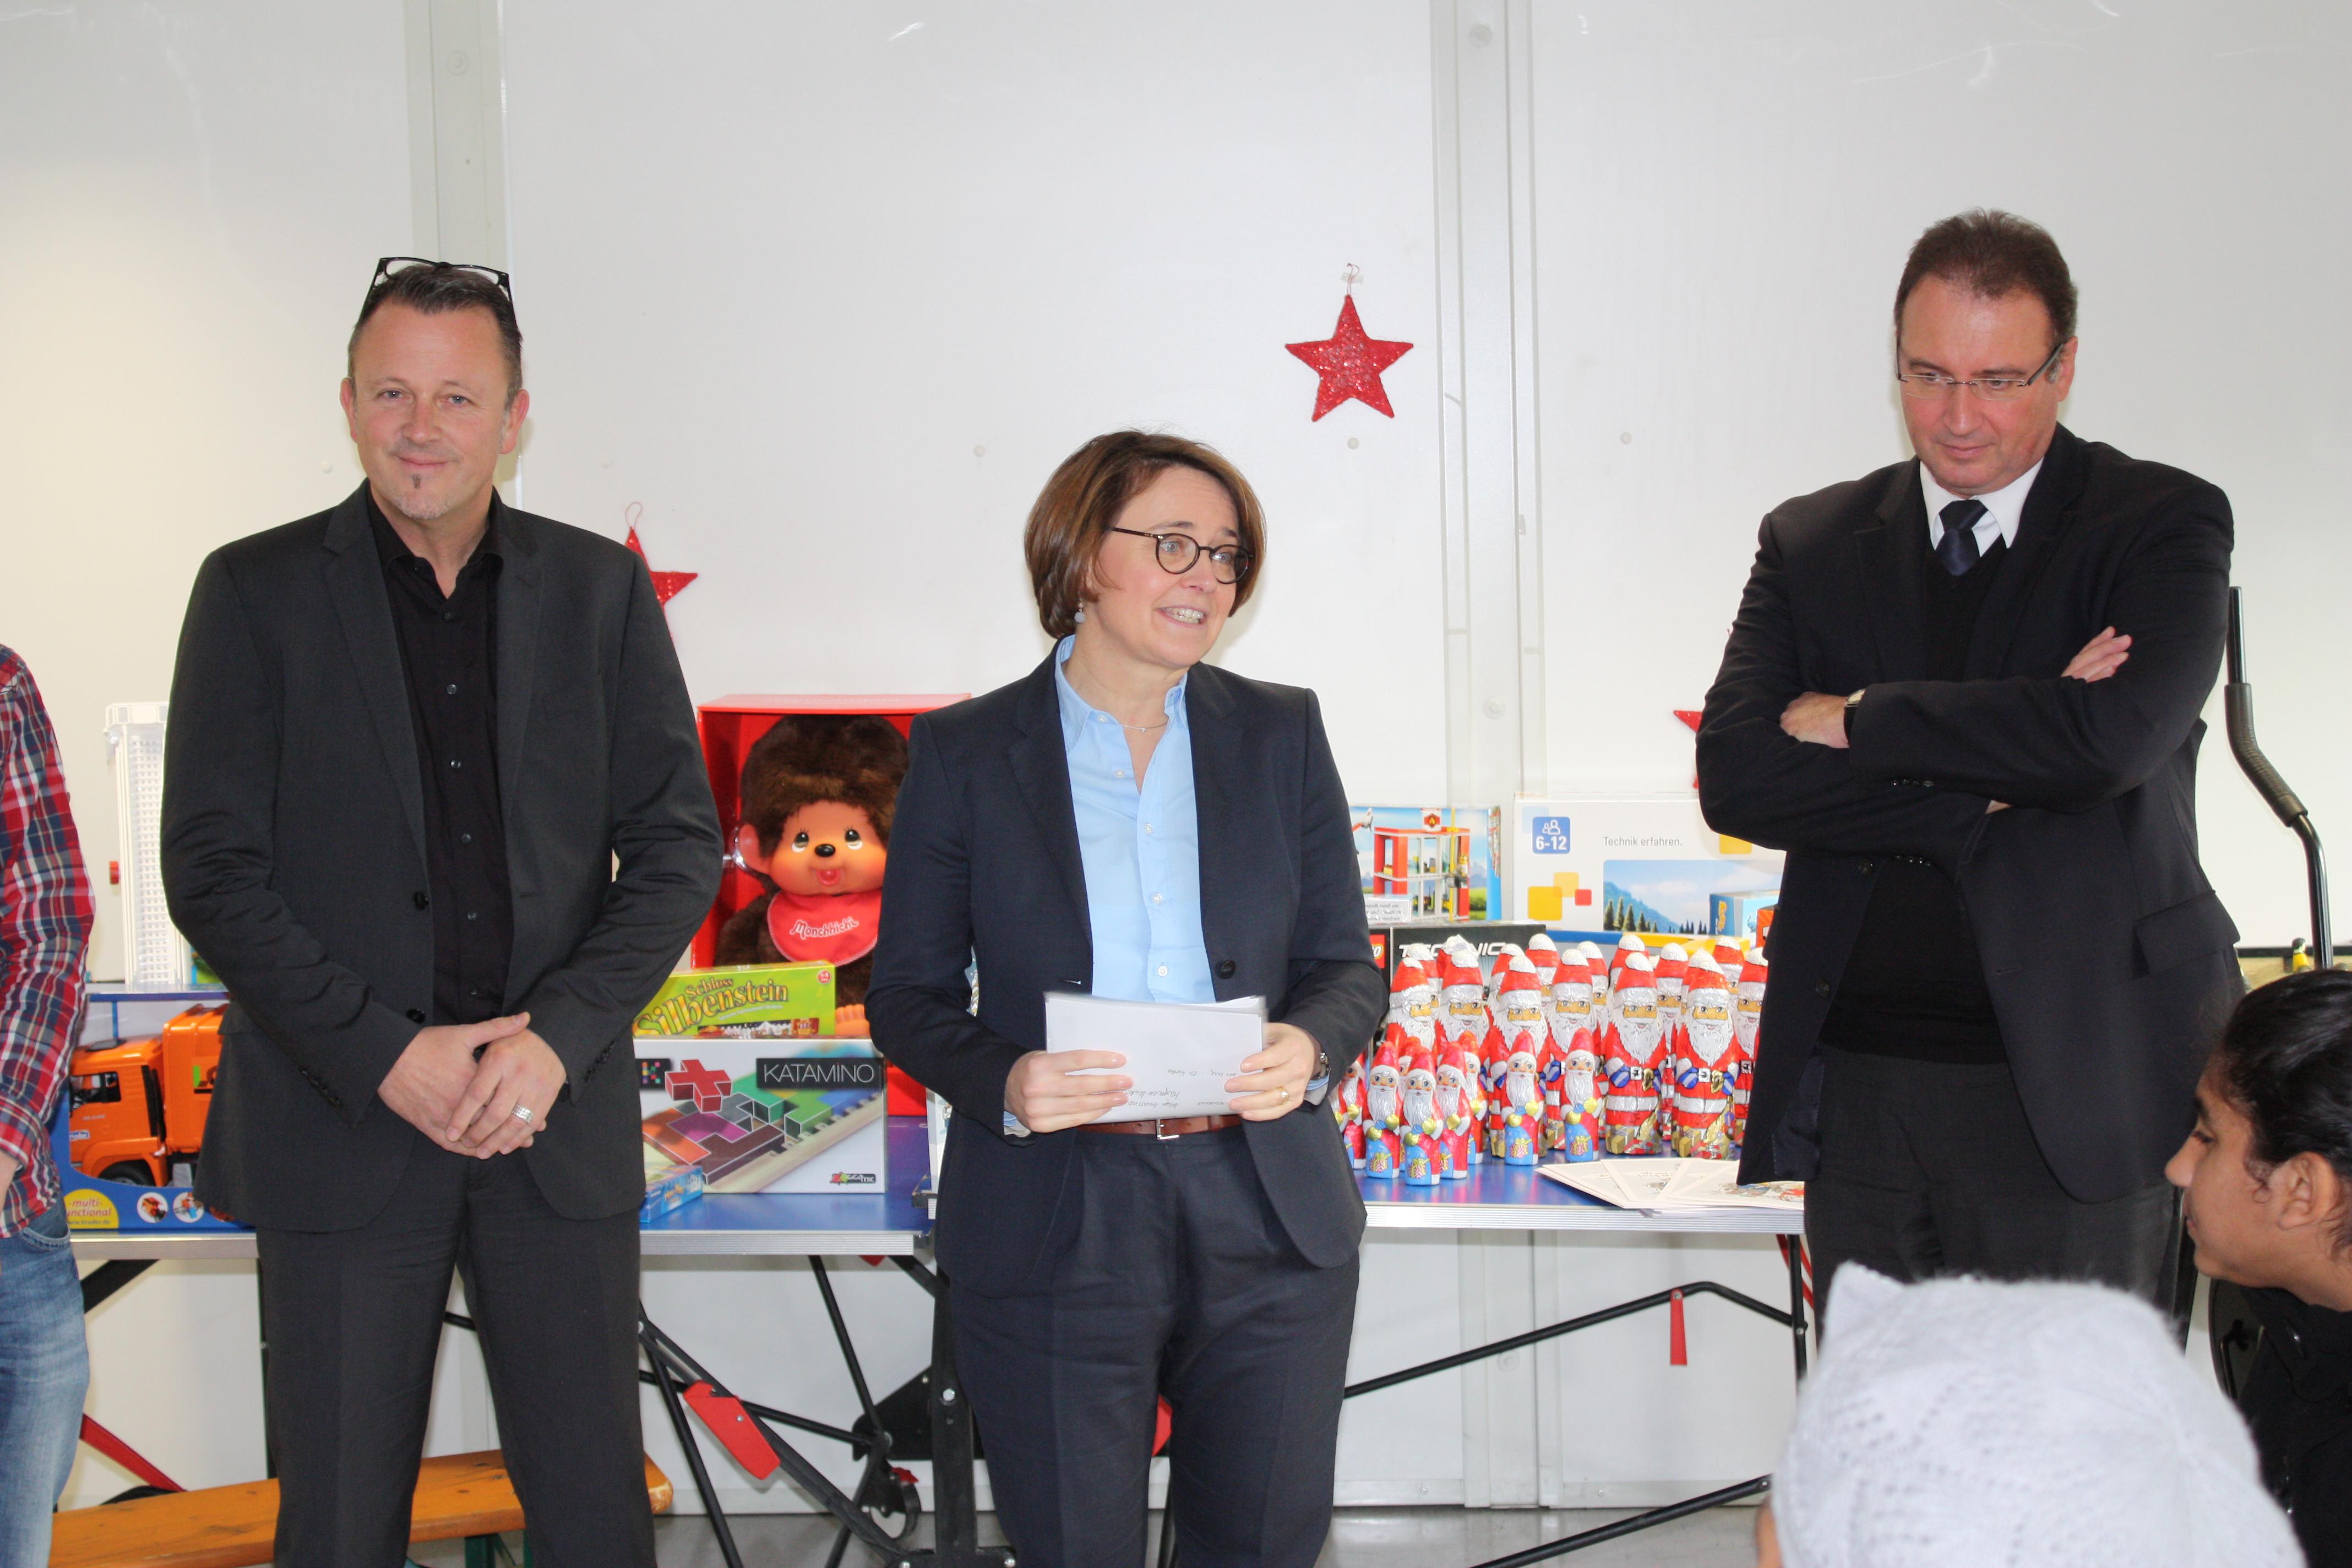 Foto 1 von links nach rechts: Ulrich Brobeil (Geschäftsführer   PSts Annette Widmann-Mauz MdB und Landrat Joachim  Walter.